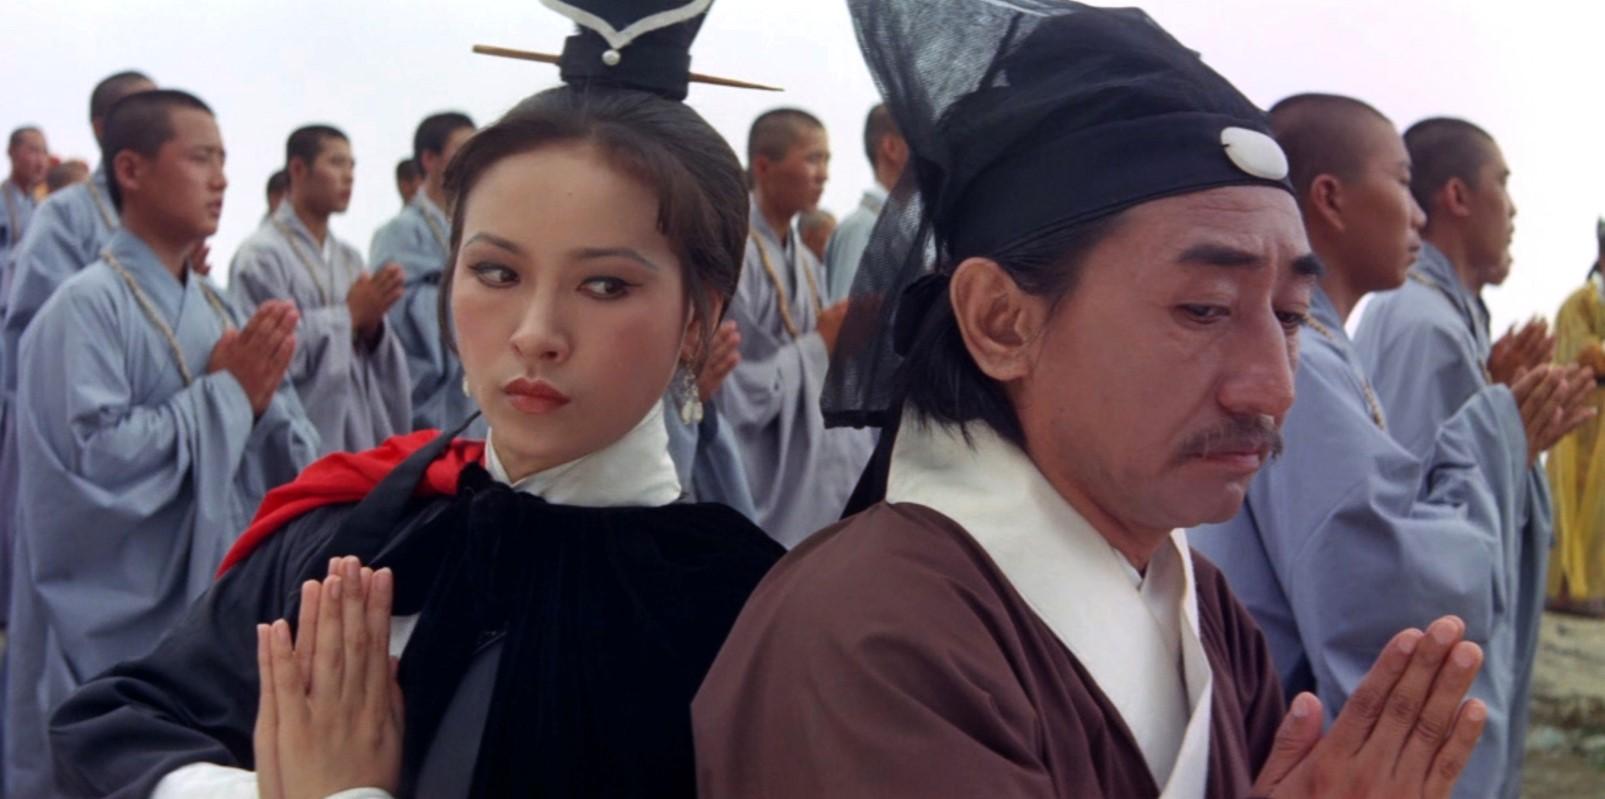 raining-in-the-mountain_cinema-asiatique-institut-jean-vigo